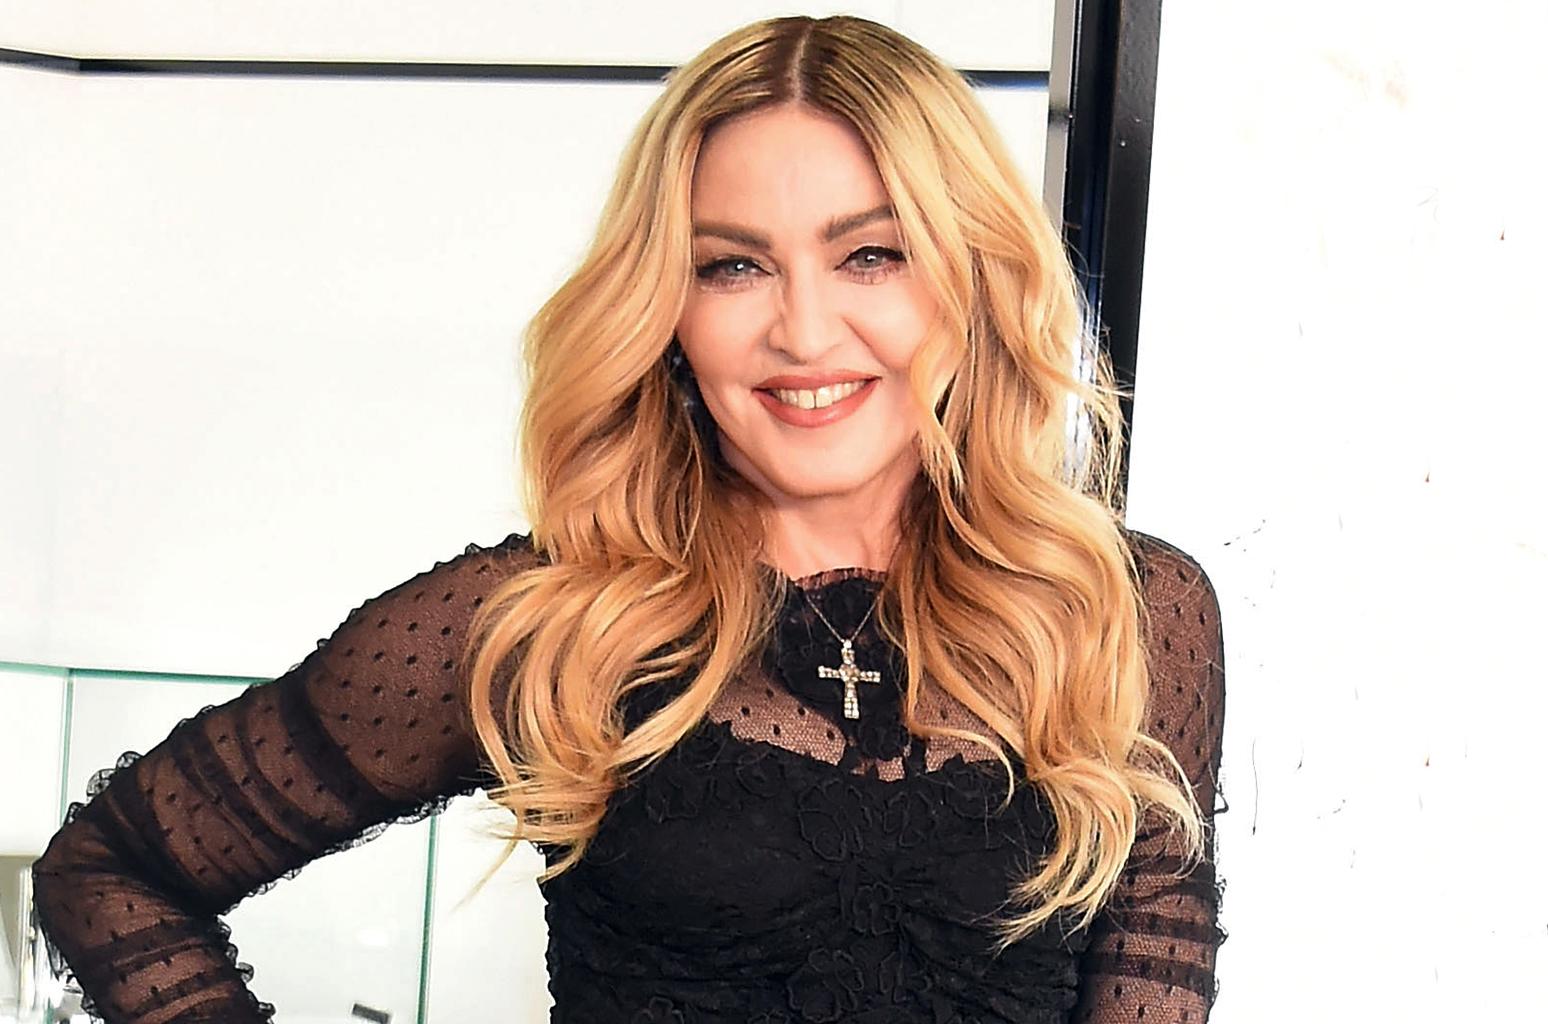 Sessanta candeline per Madonna, l'ex material girl